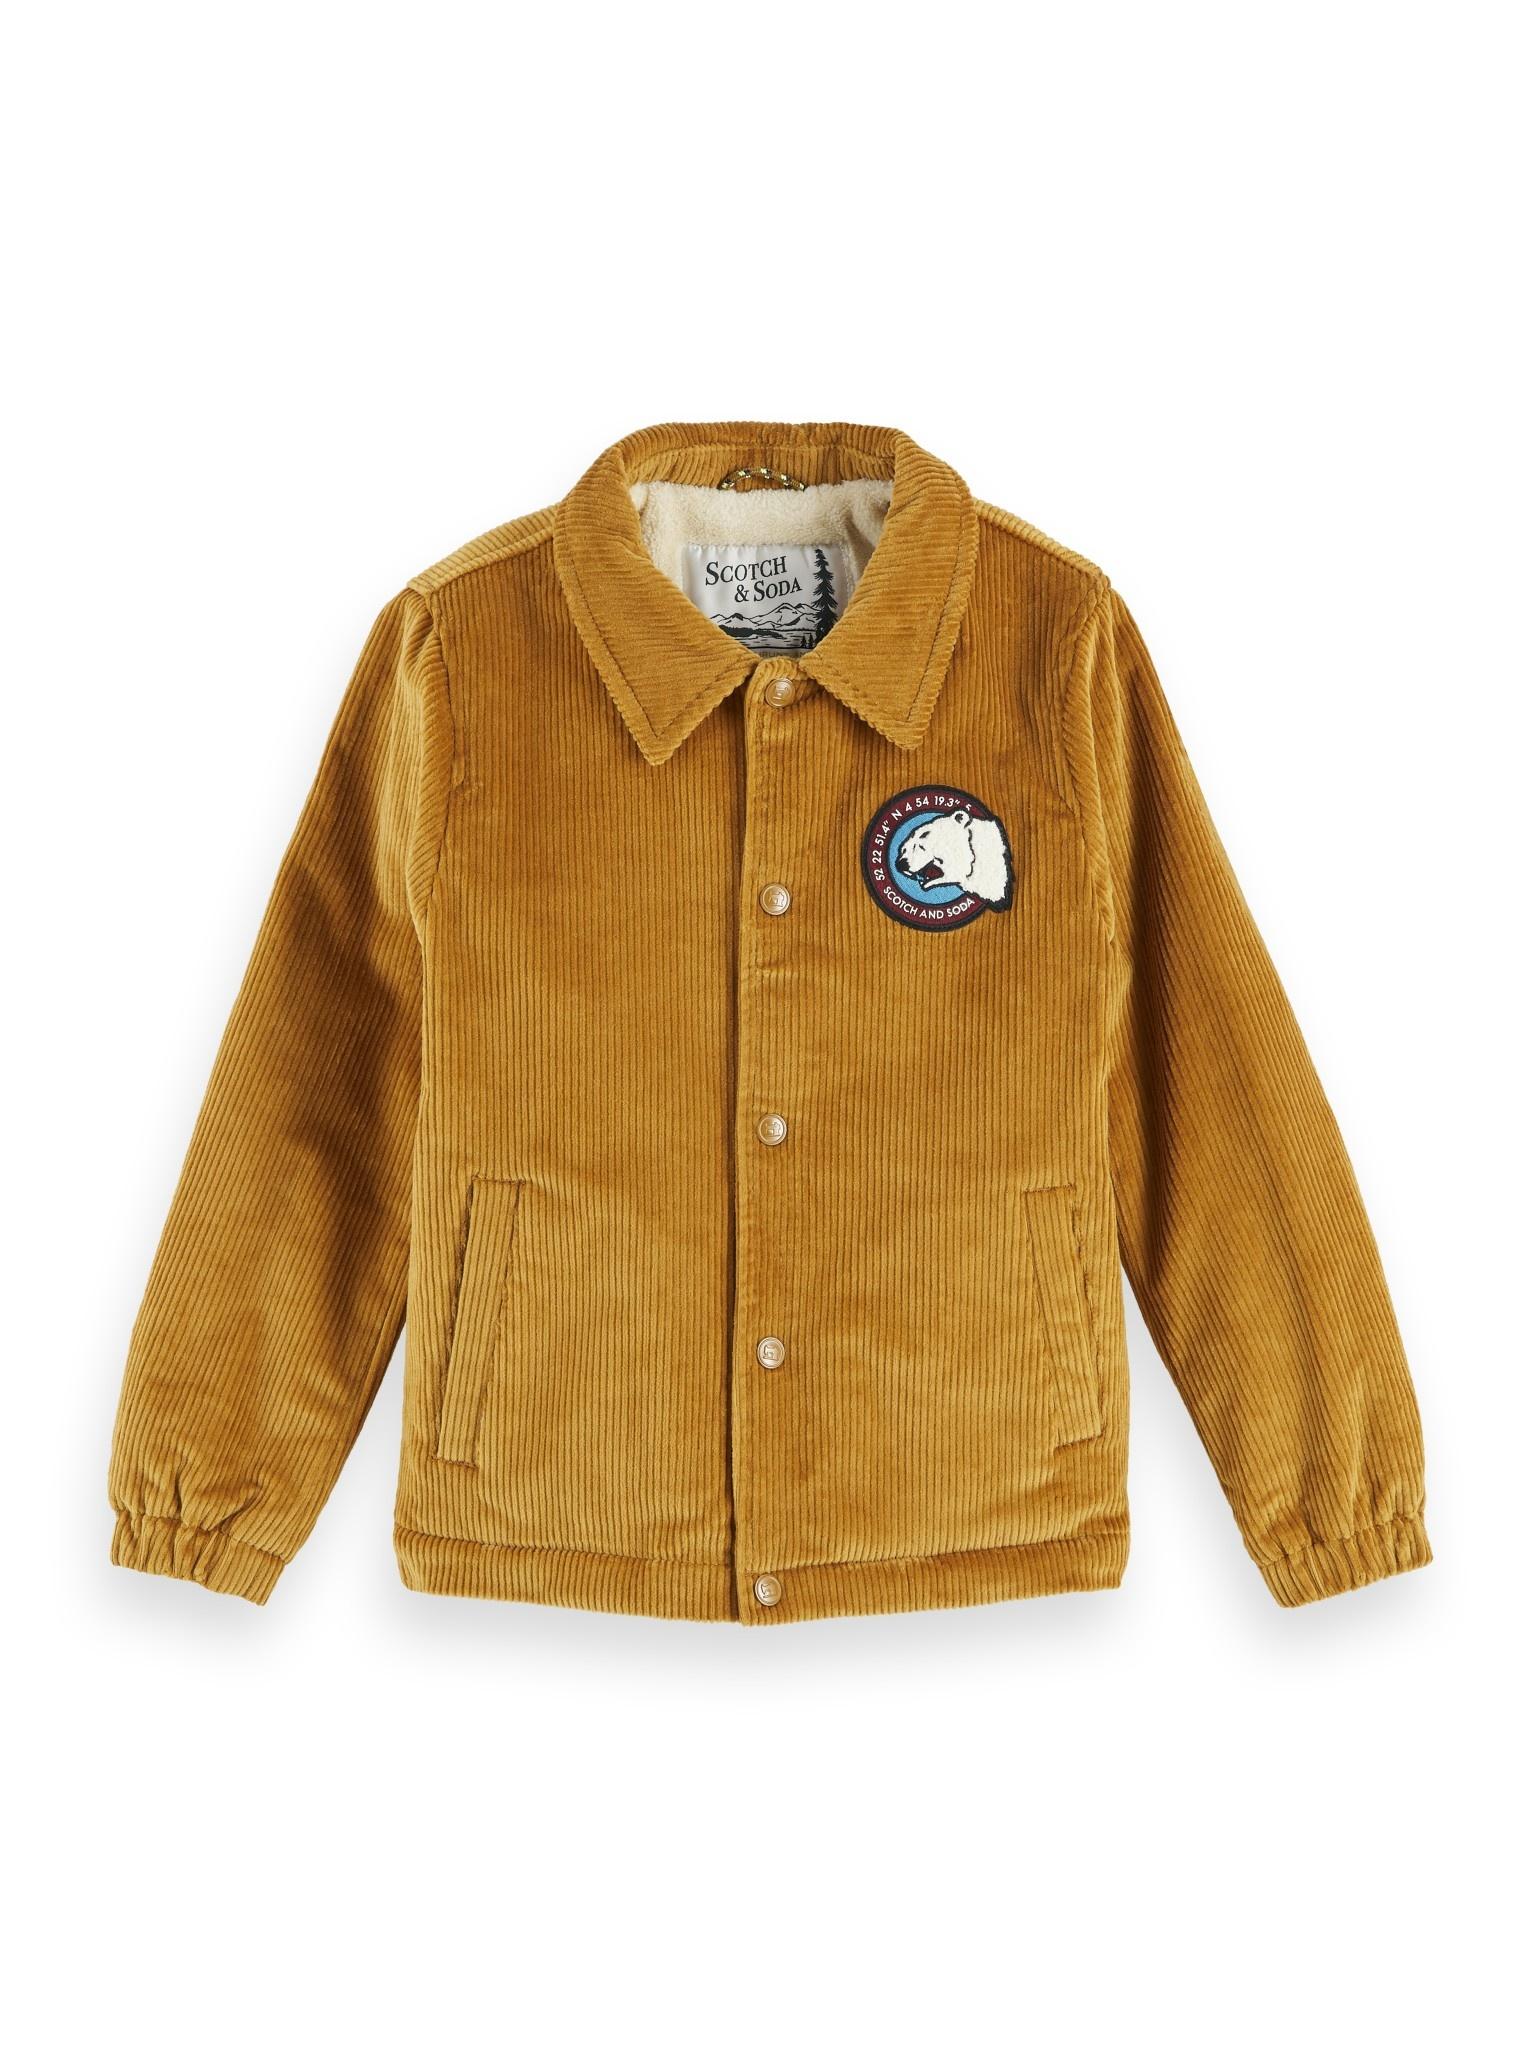 Scotch Shrunk Scotch - Corduroy jacket with teddy lining 157614